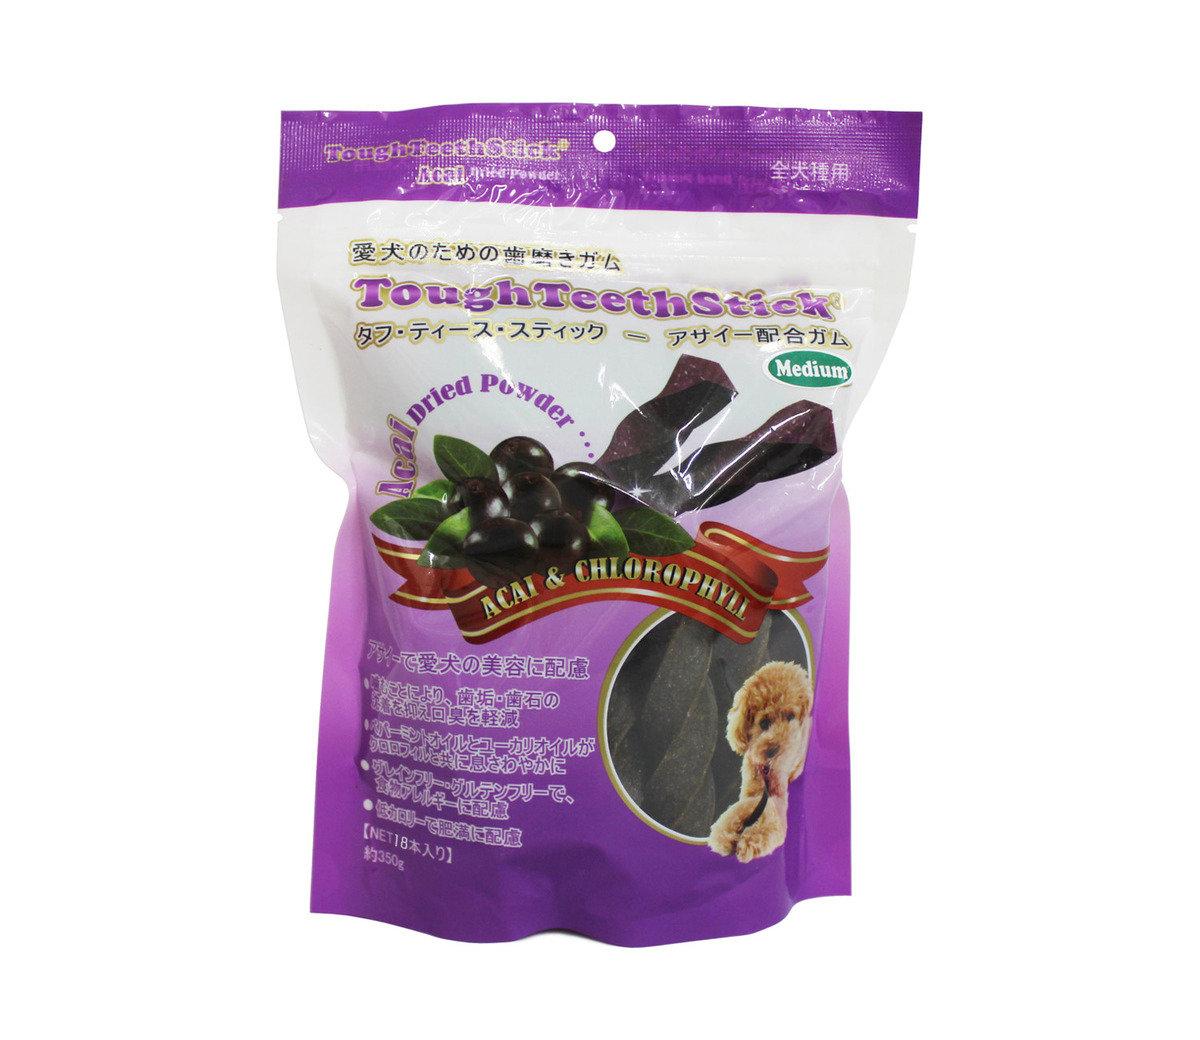 巴西莓潔齒健體扭條(M)